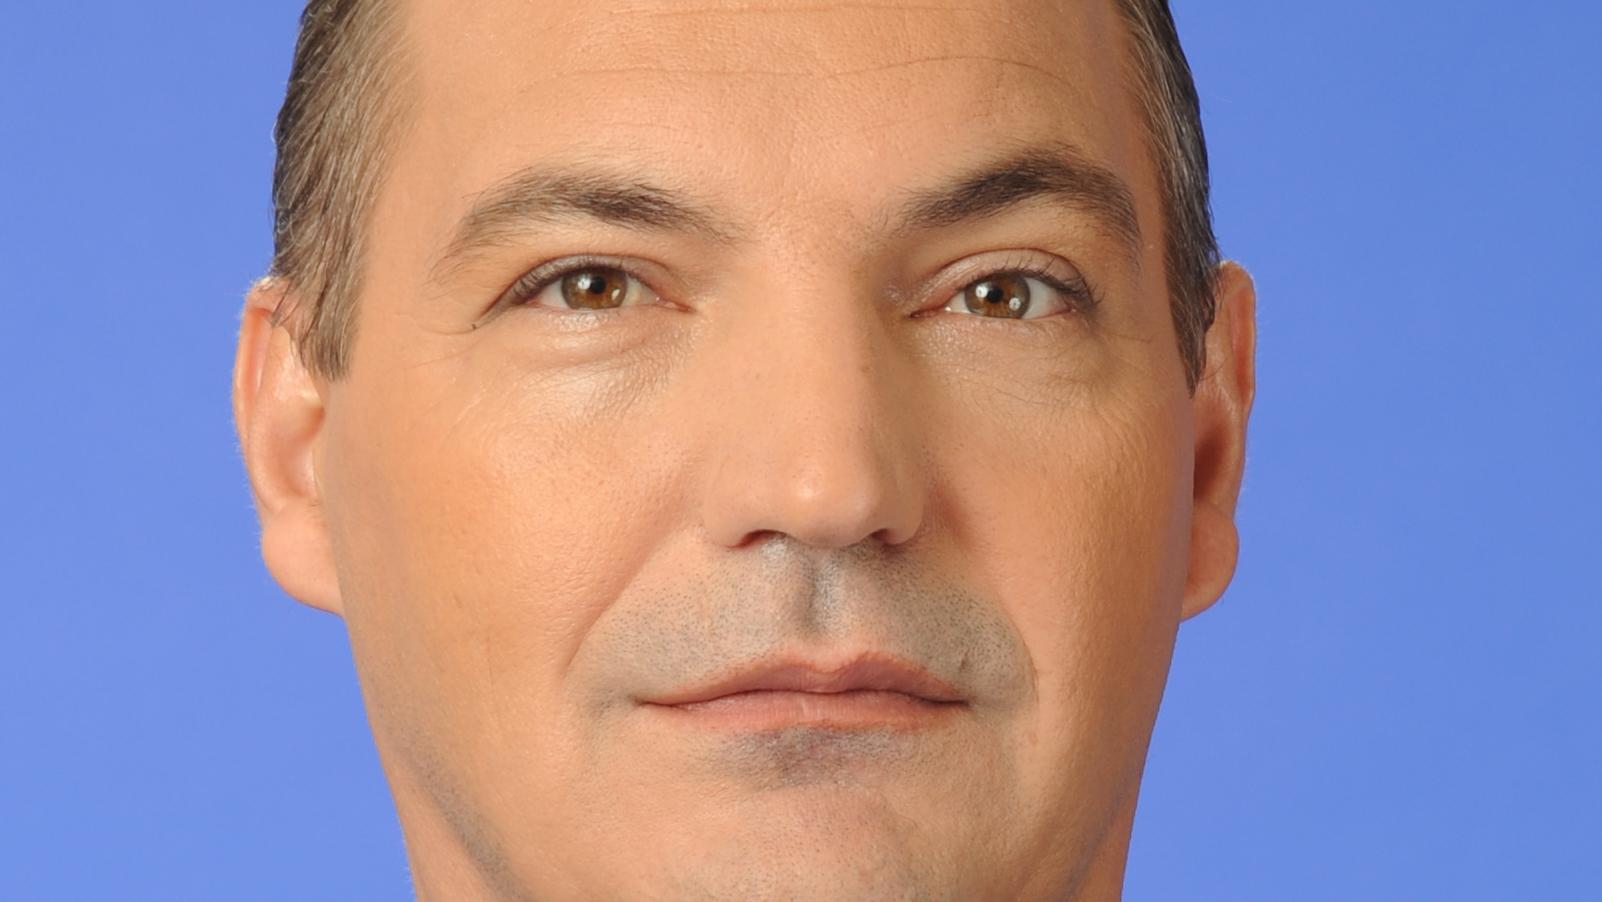 Deputatul Mircea Drăghici a făcut atac cerebral